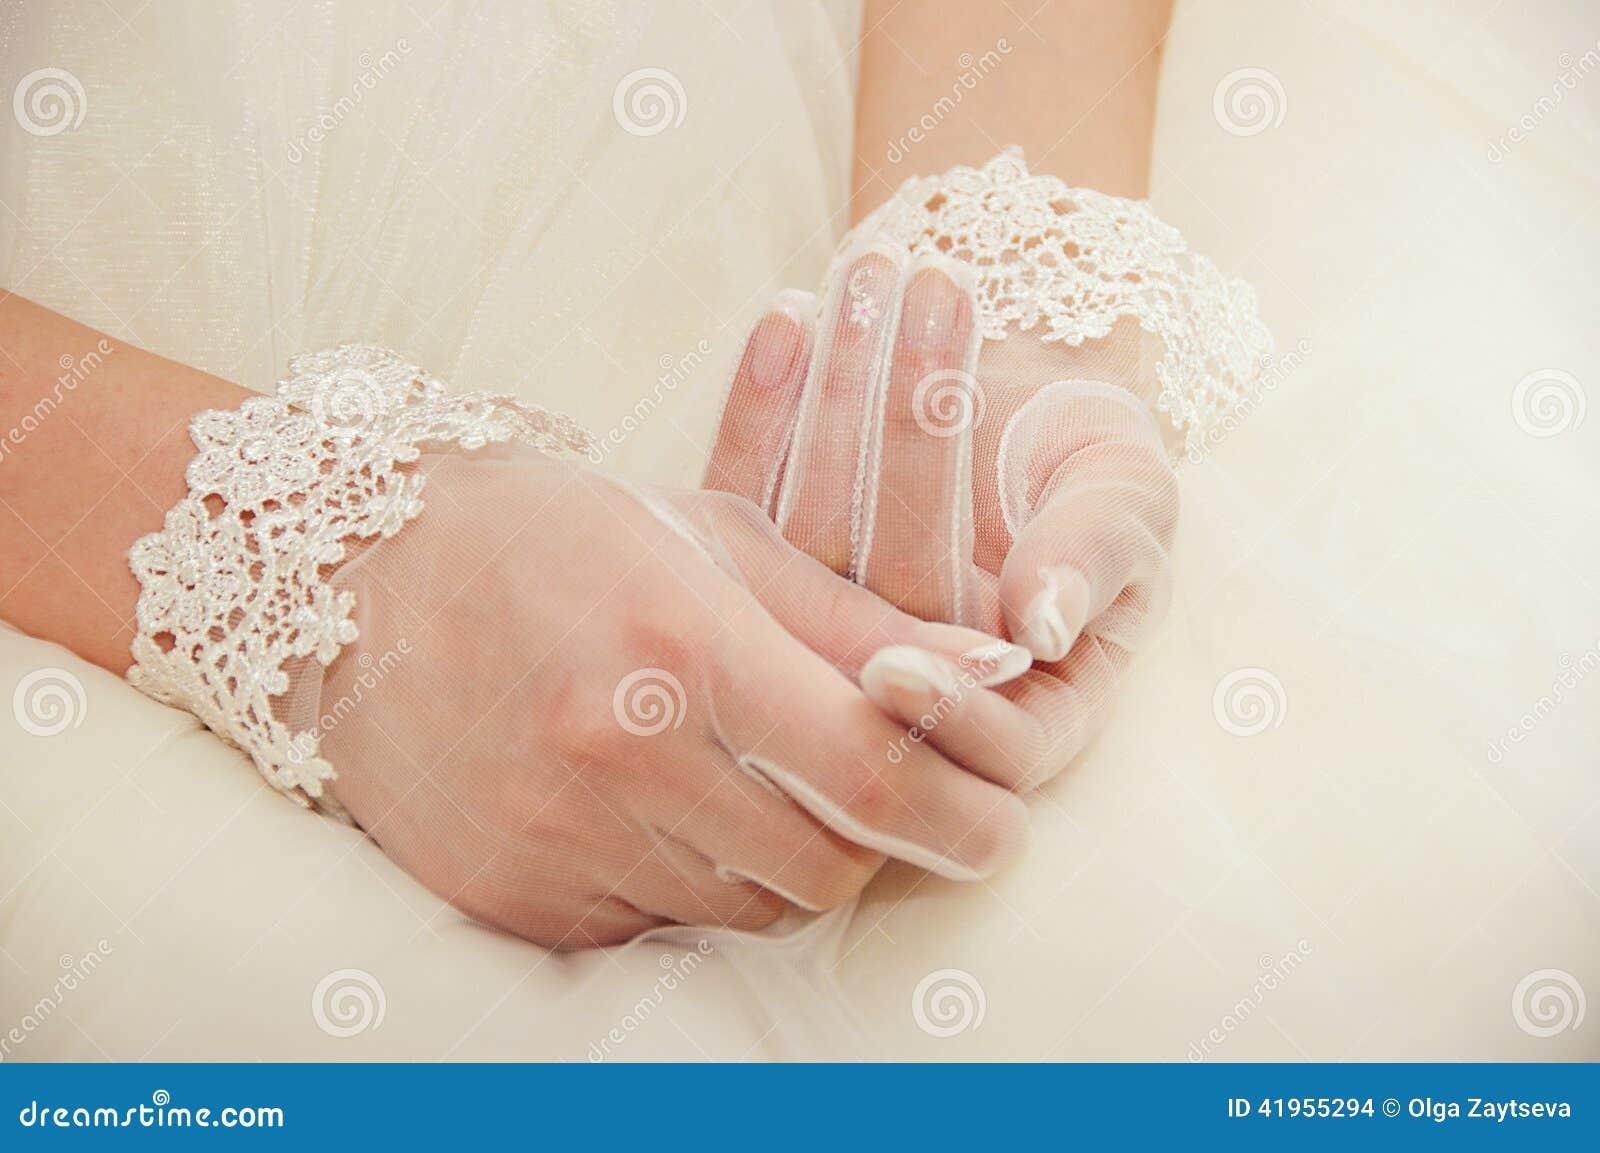 Ślubne rękawiczki na rękach panna młoda